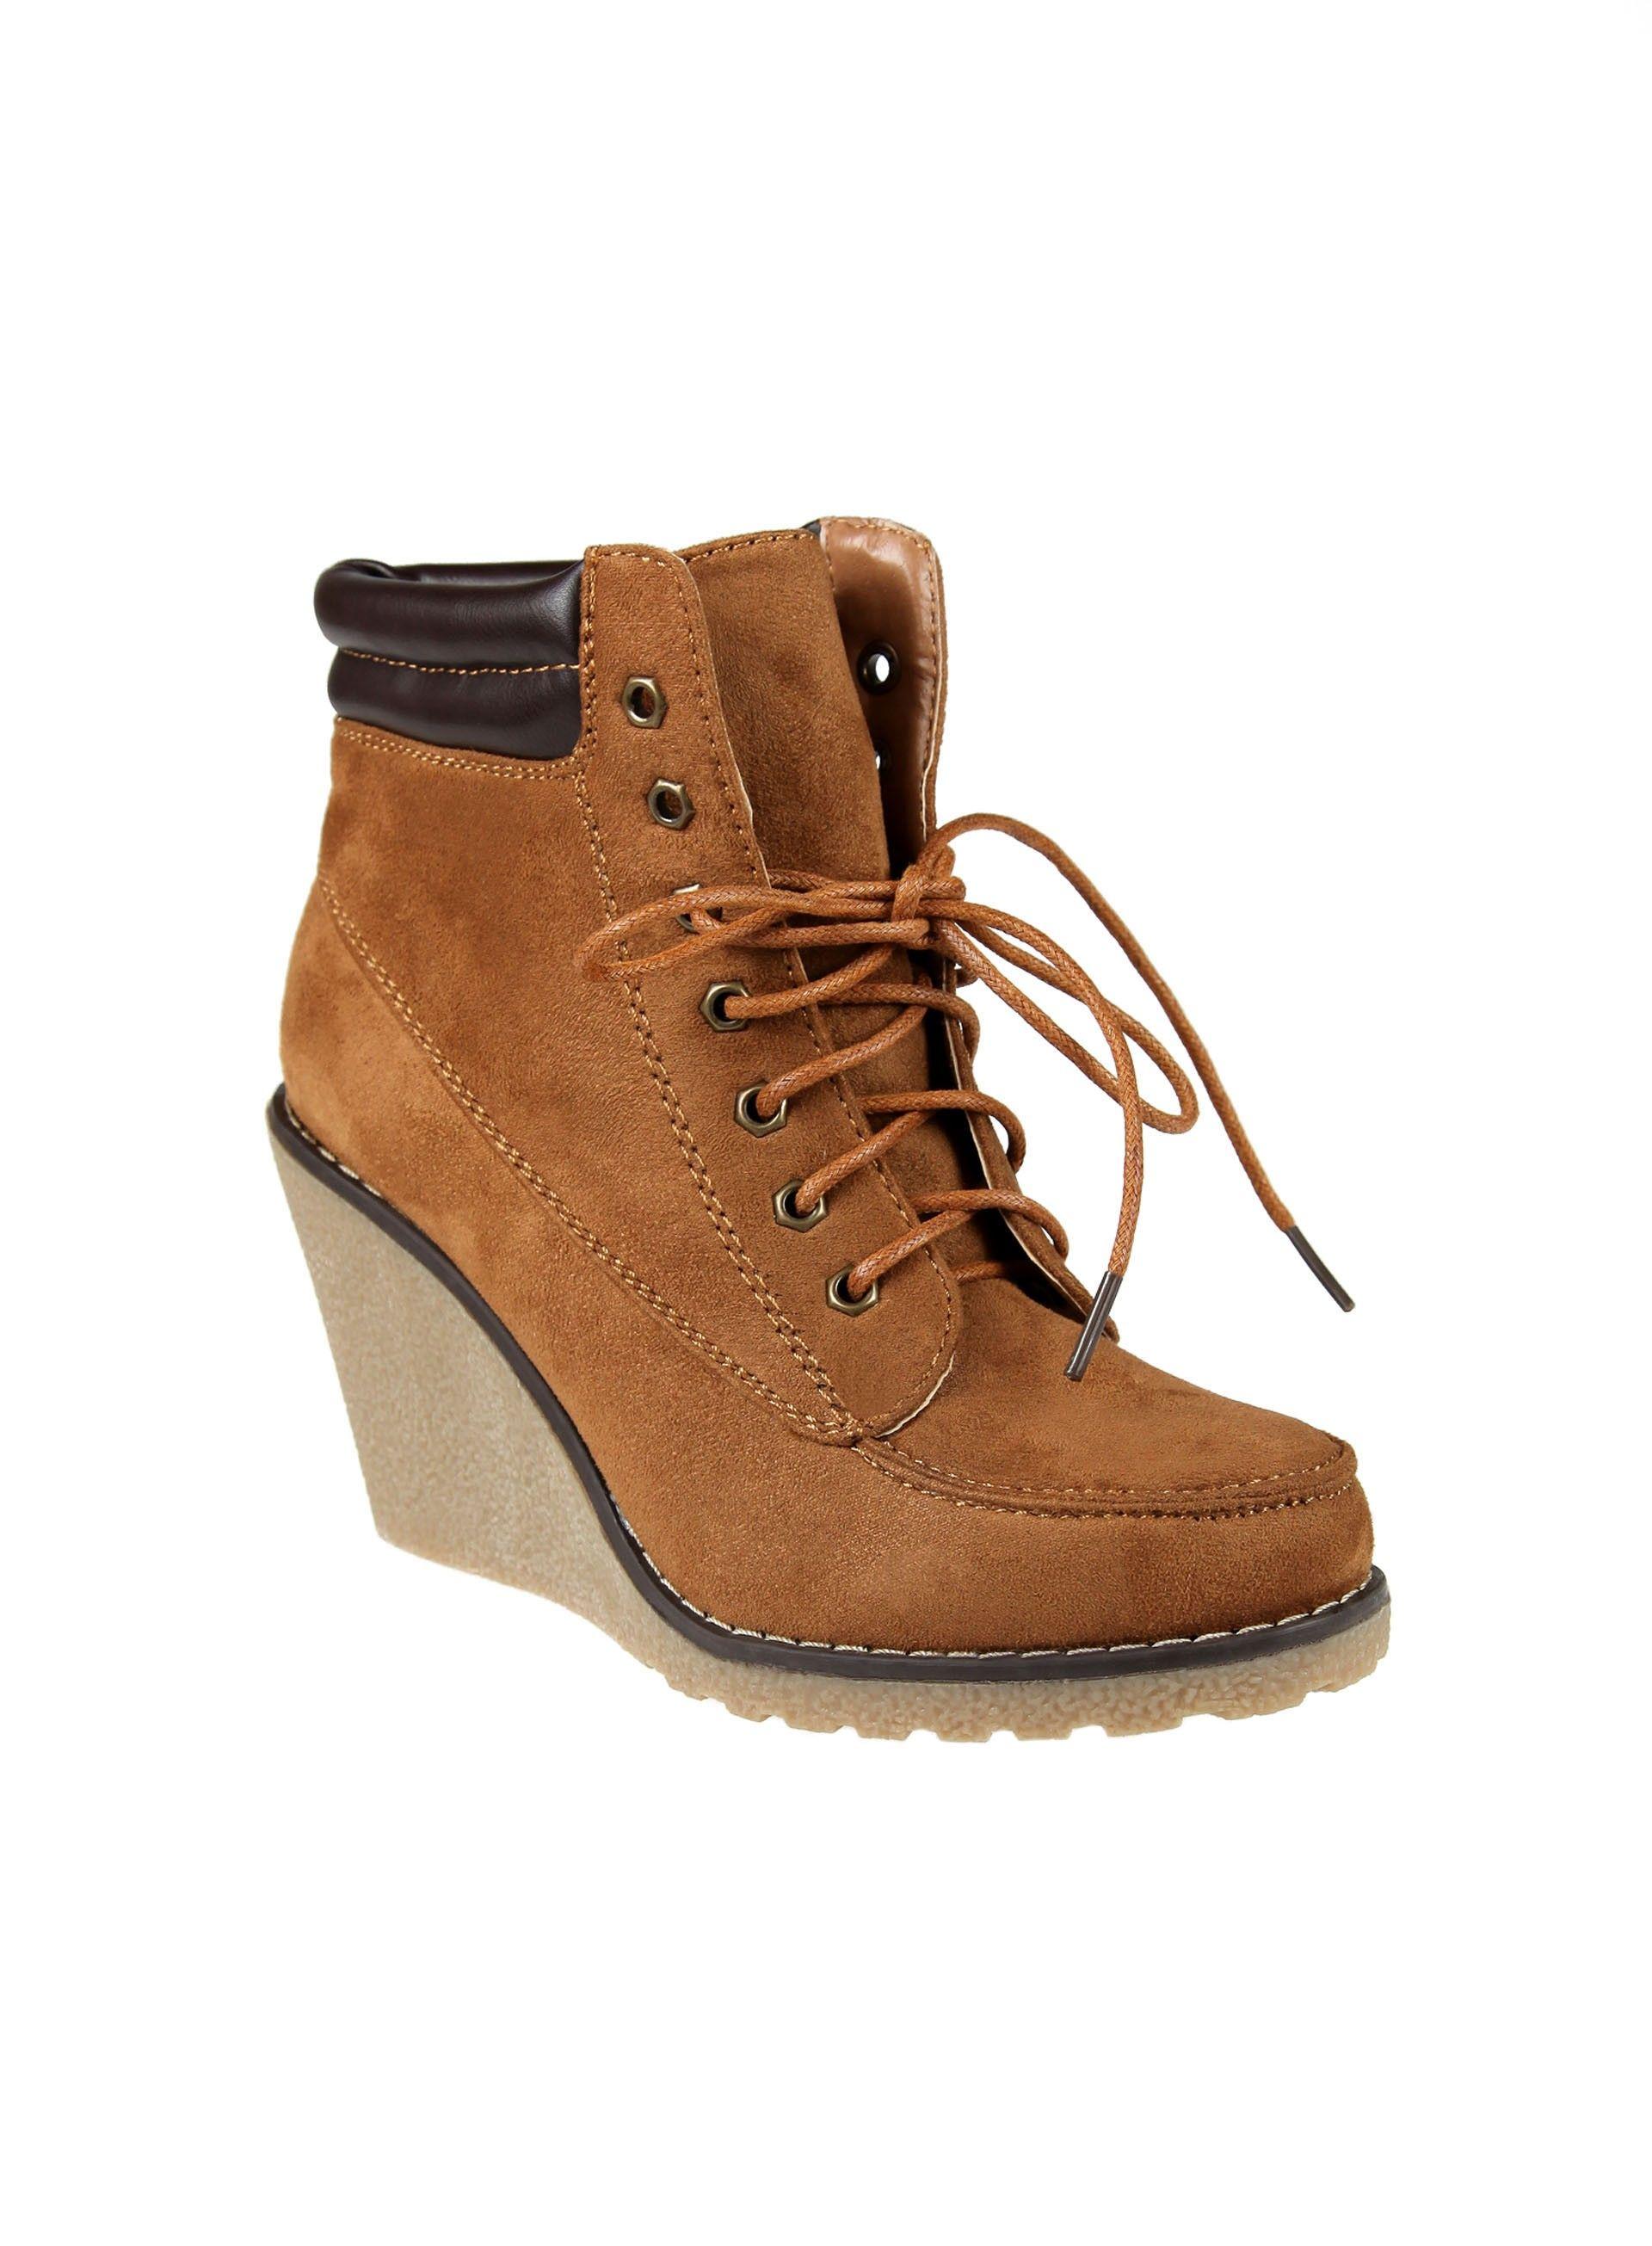 e588336bdad08 Chaussures pas cher femme. Bottines compensées à lacets et matelassé à la  cheville - FOLLIMI